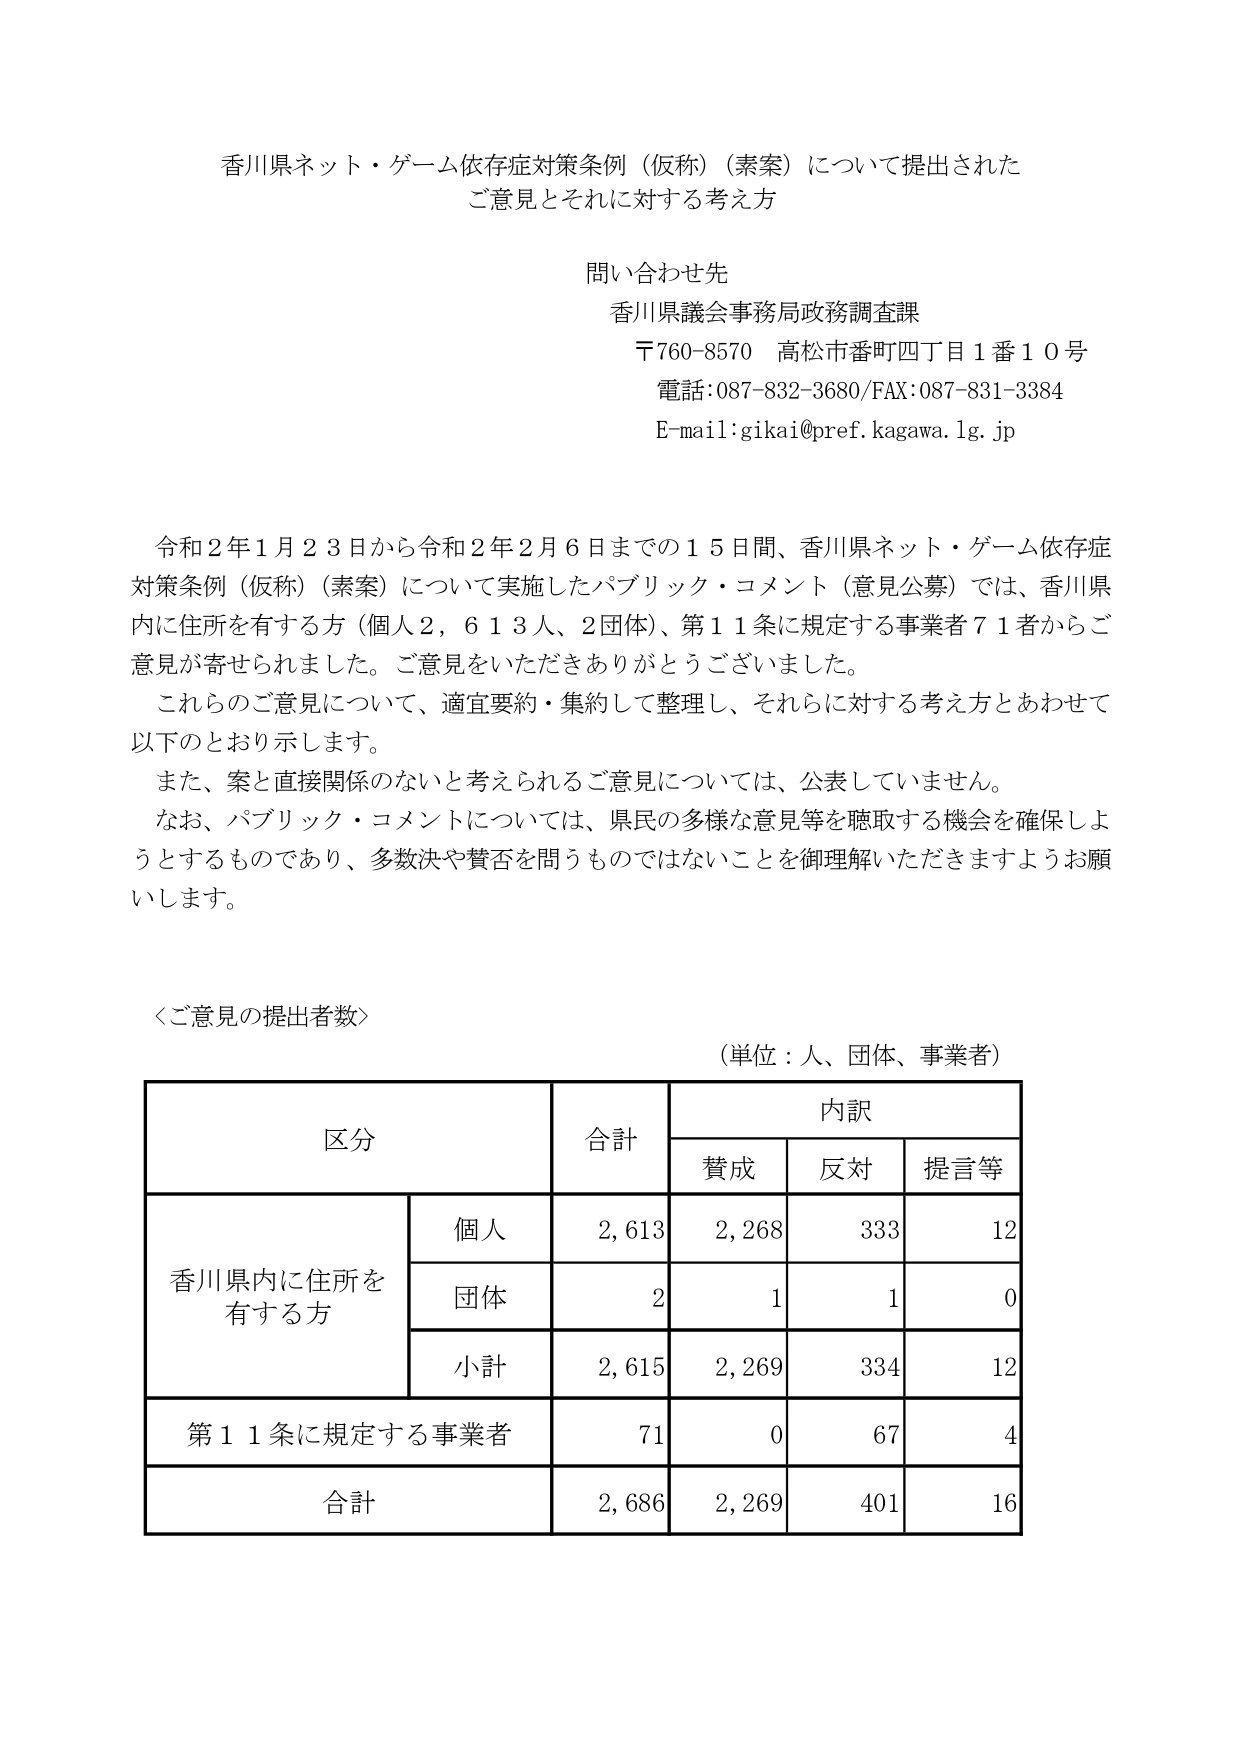 【香川ネット・ゲーム規制条例】知事は再議求めず 「必ずしも香川県のイメージが低下したとは思わない」